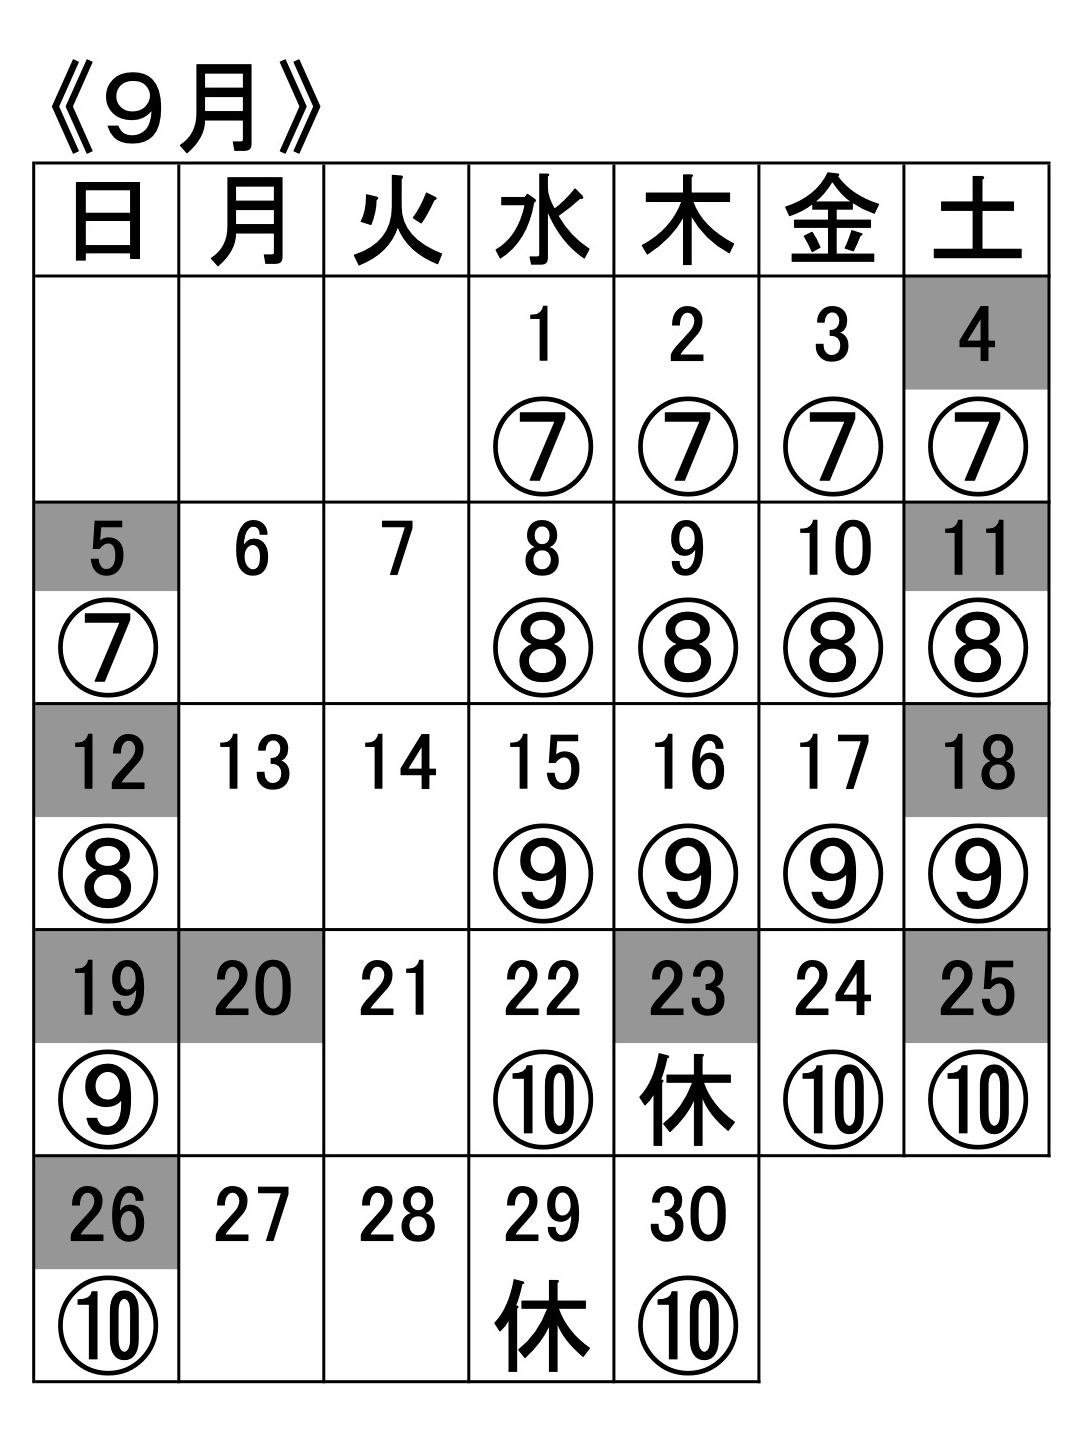 福山クラスの9月のスケジュール